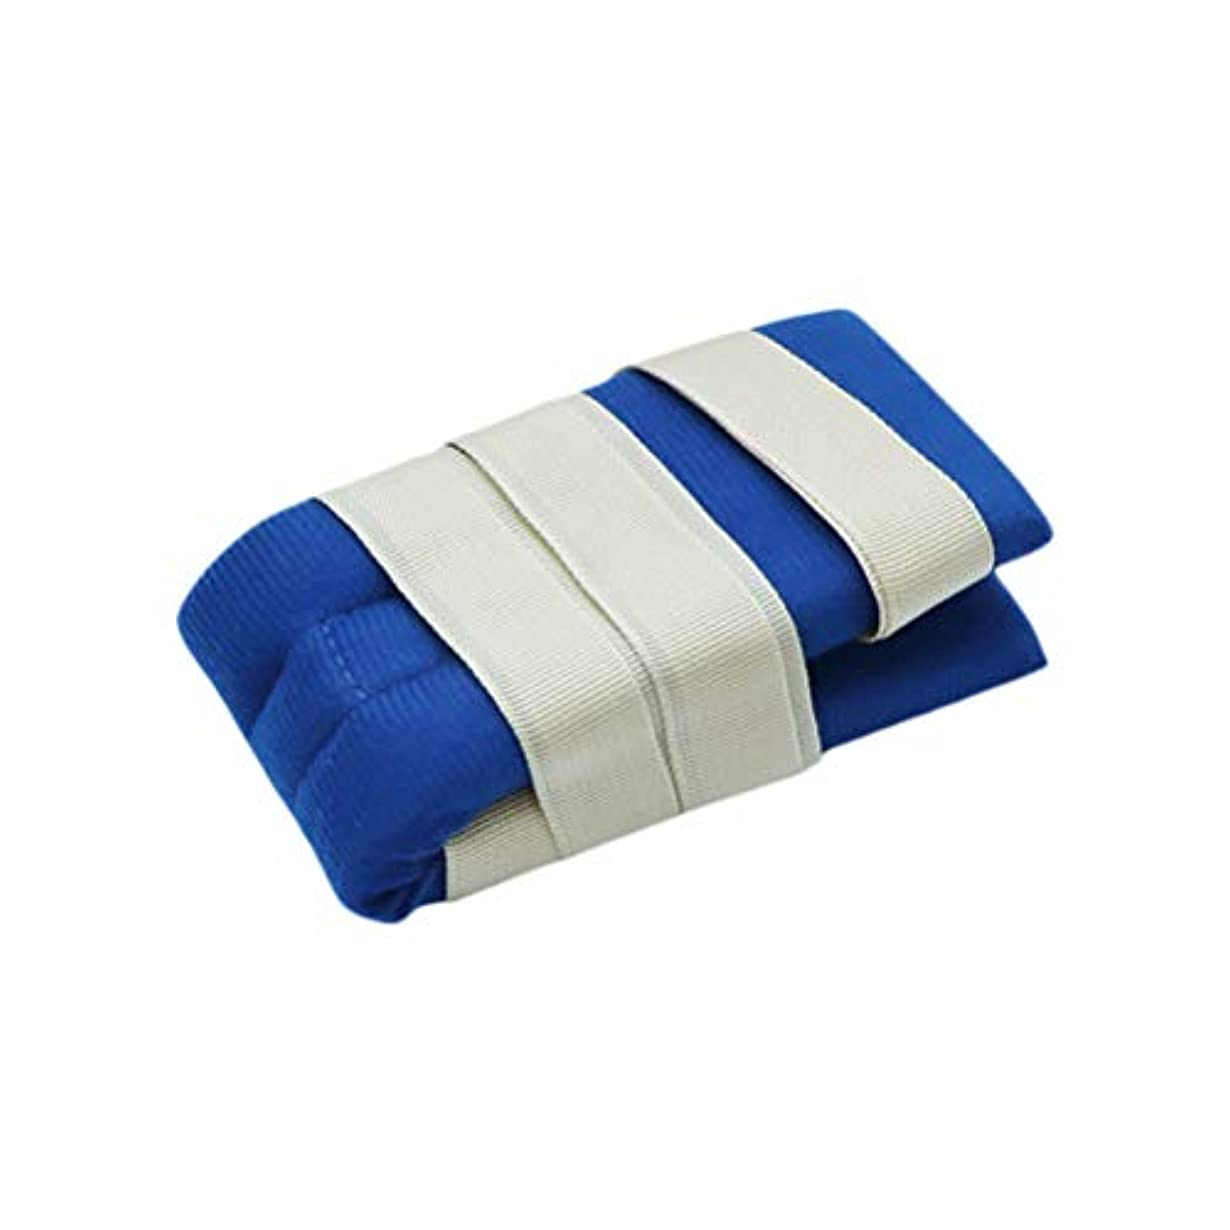 傾向アンドリューハリディ批判的手または足のための柔らかい医学の制限の革紐バンド病院用ベッドの肢のホールダー患者のための普遍的な抑制制御クイックリリースバンド